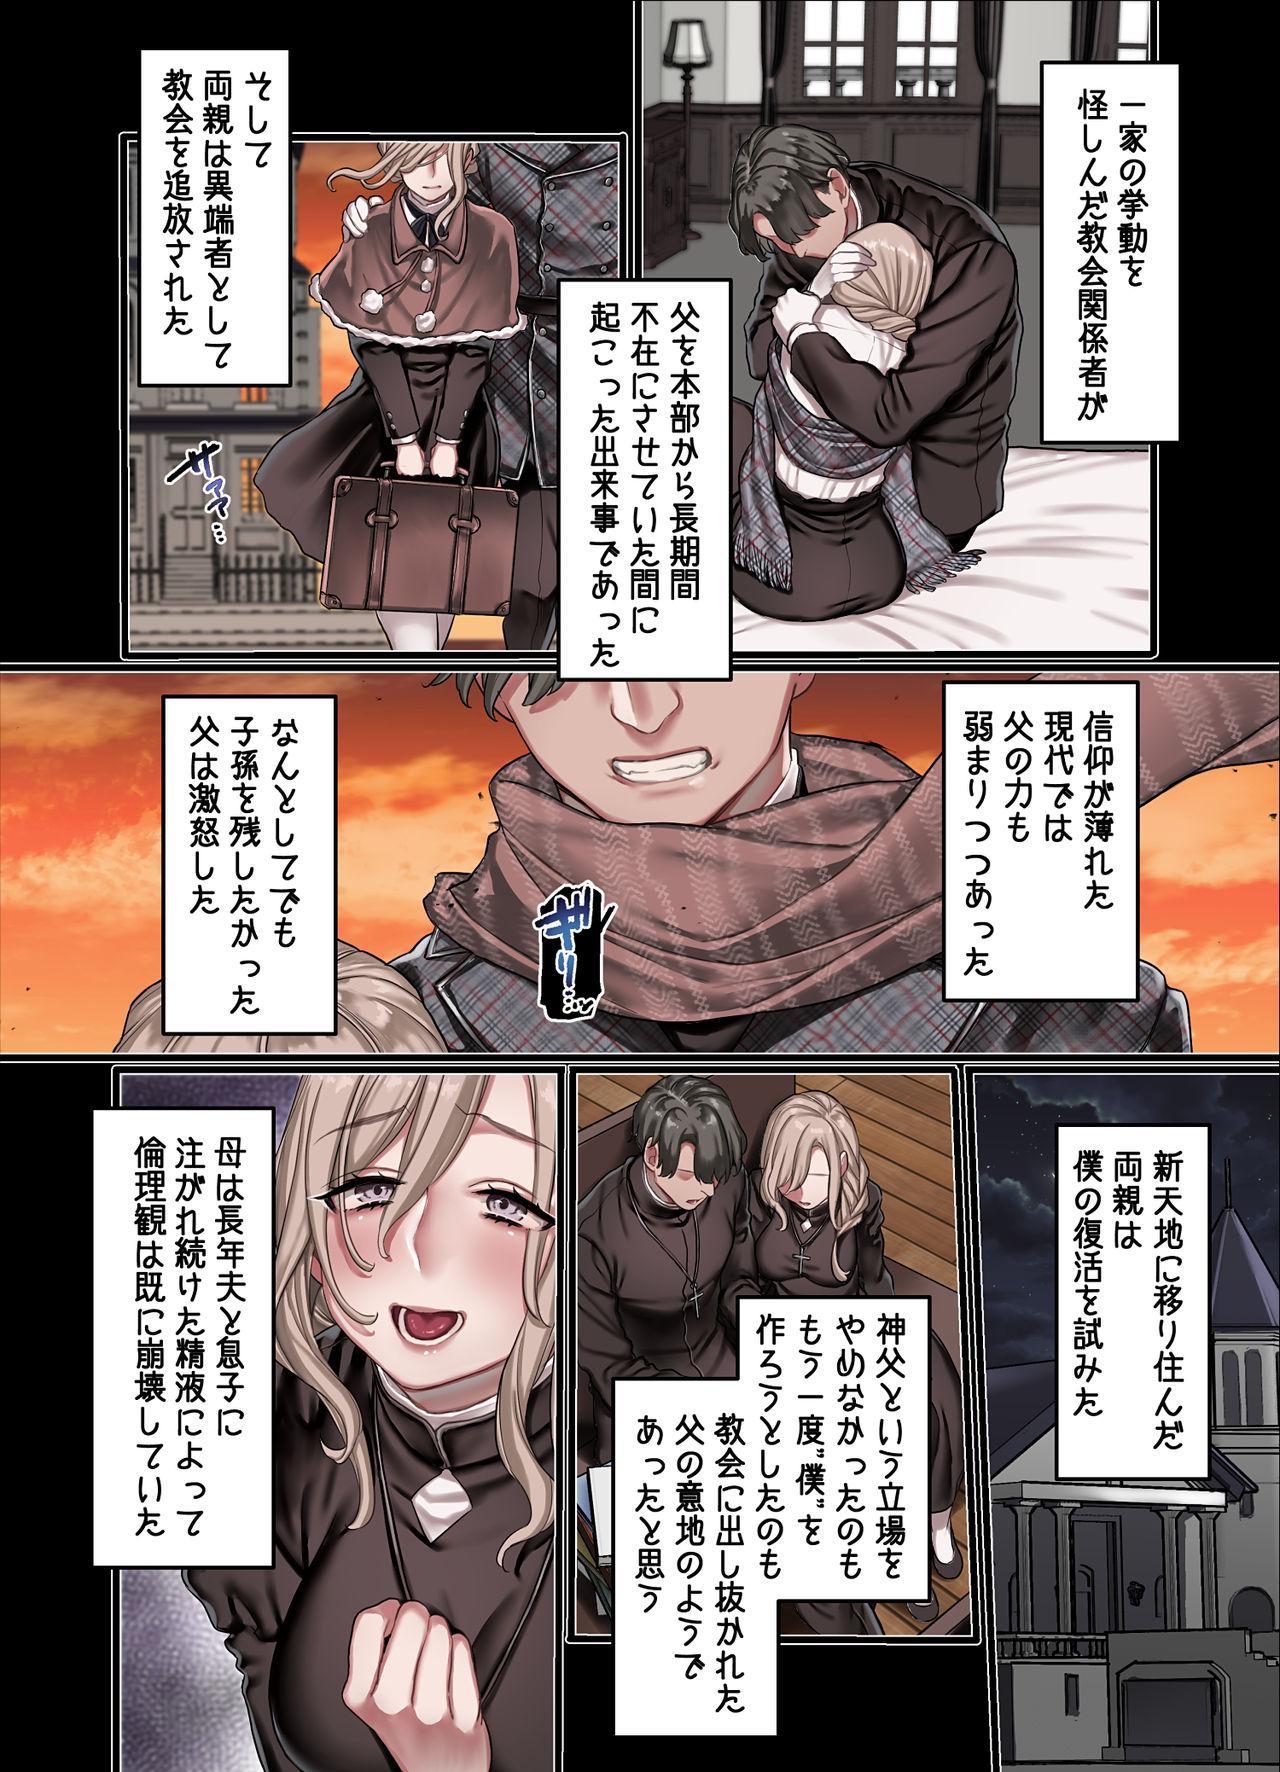 L Kyoukai to Itansha Ikka 57